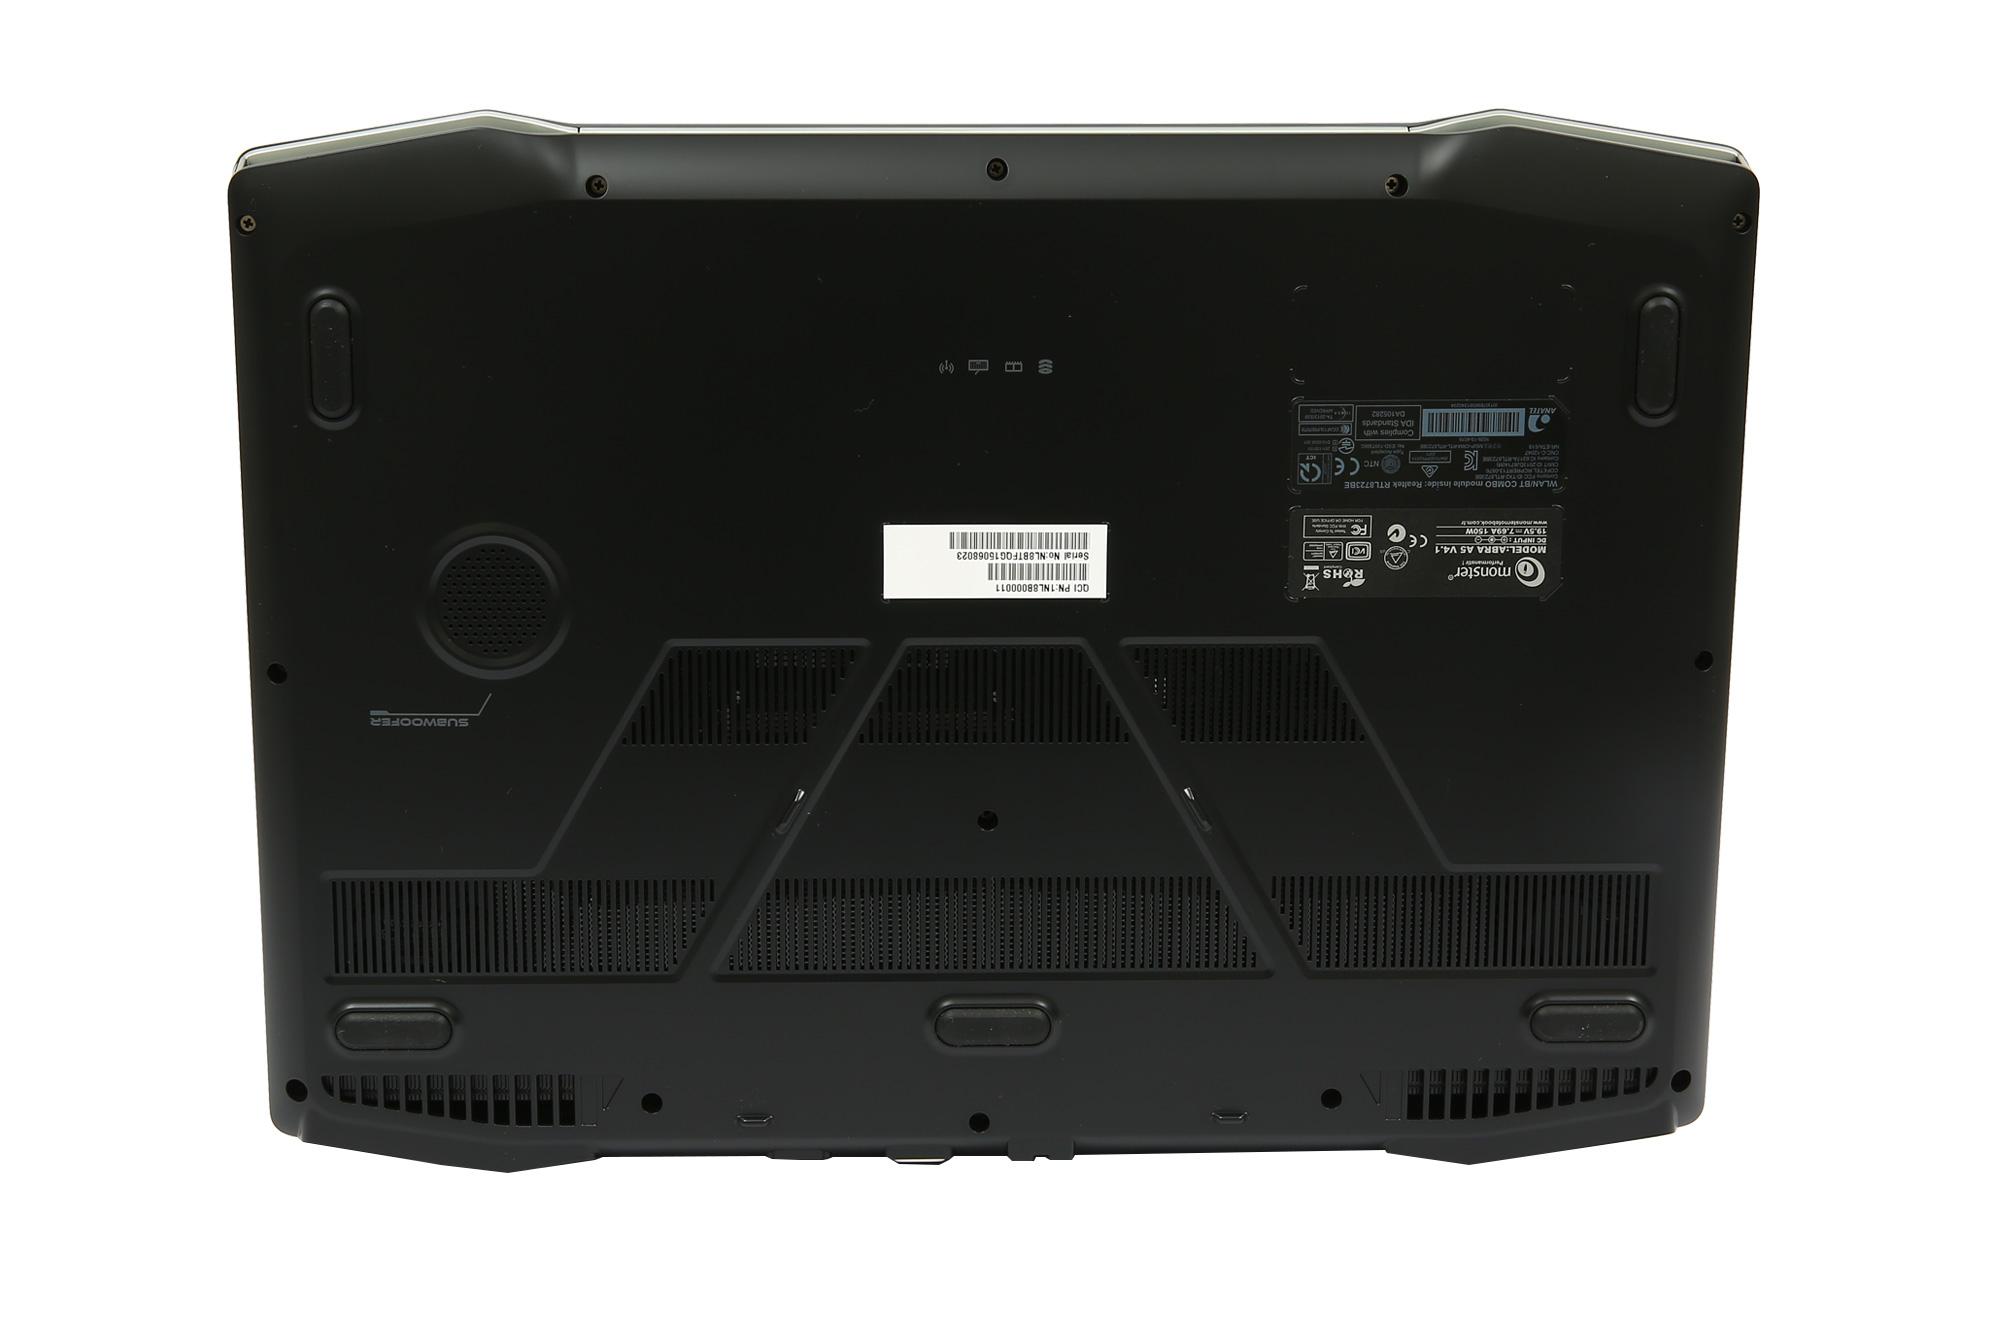 MONSTER® ABRA A5 V4.1.5 15.6